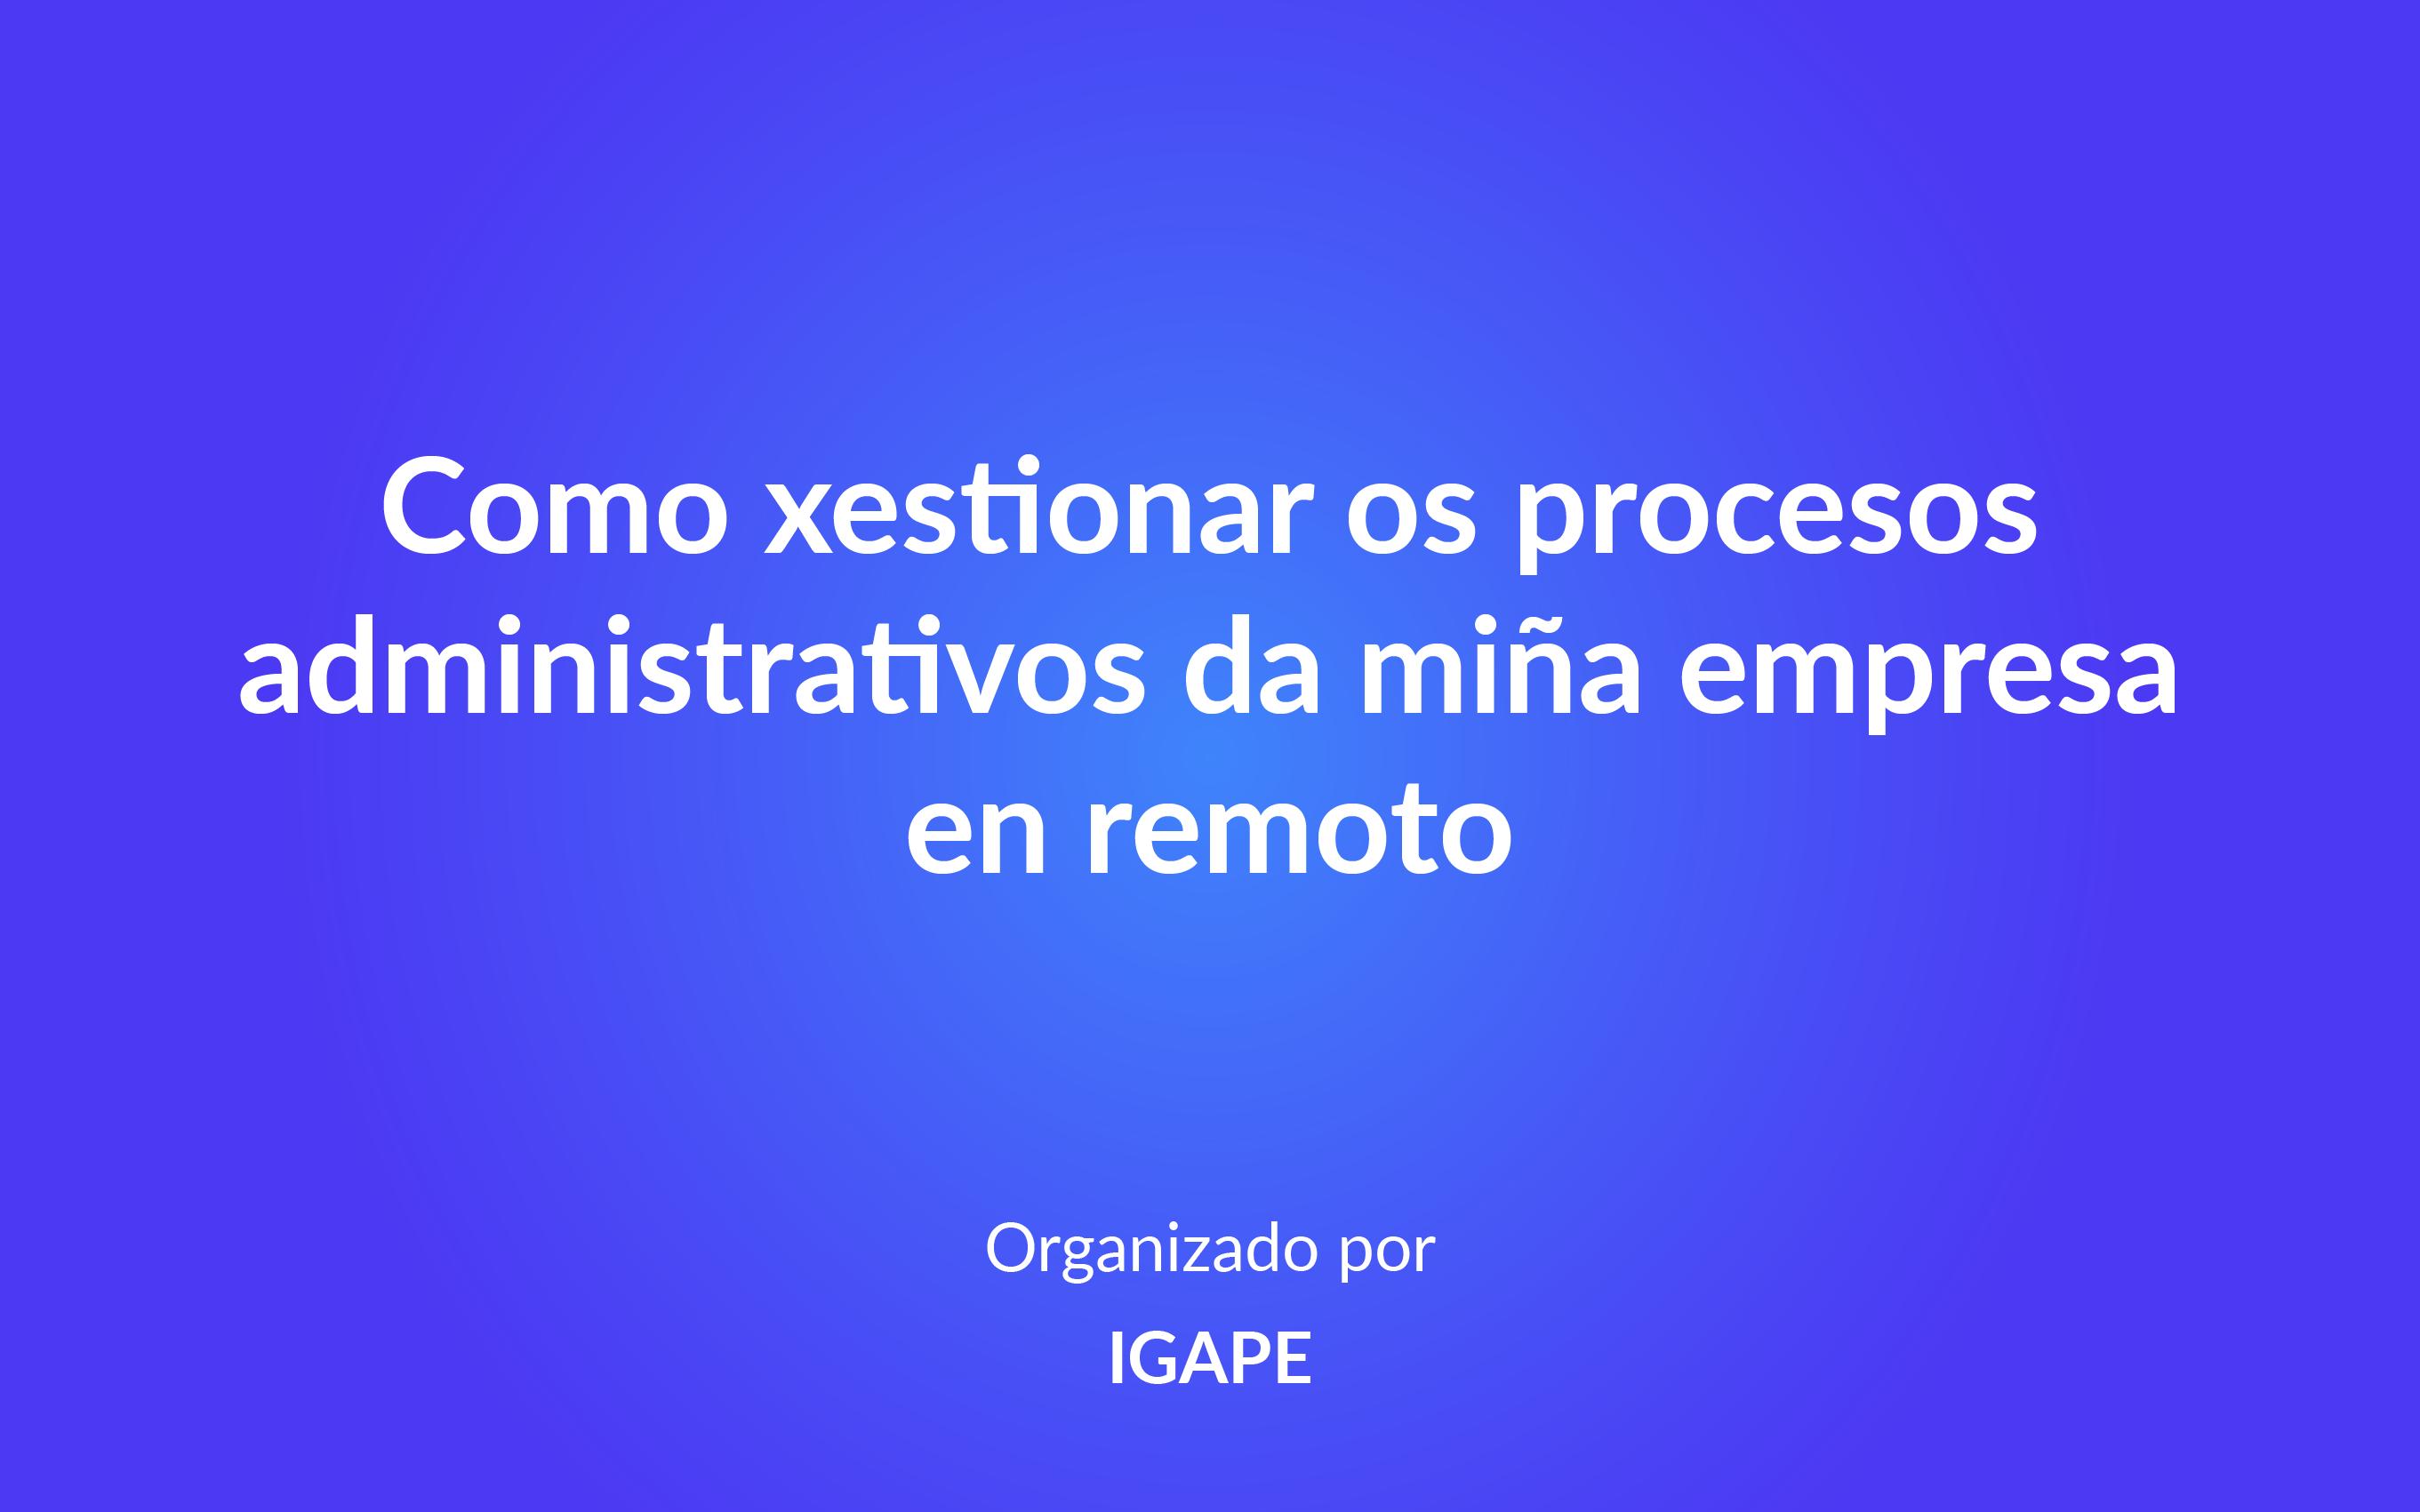 Re-acciona: Como xestionar os procesos administrativos da miña empresa en remoto